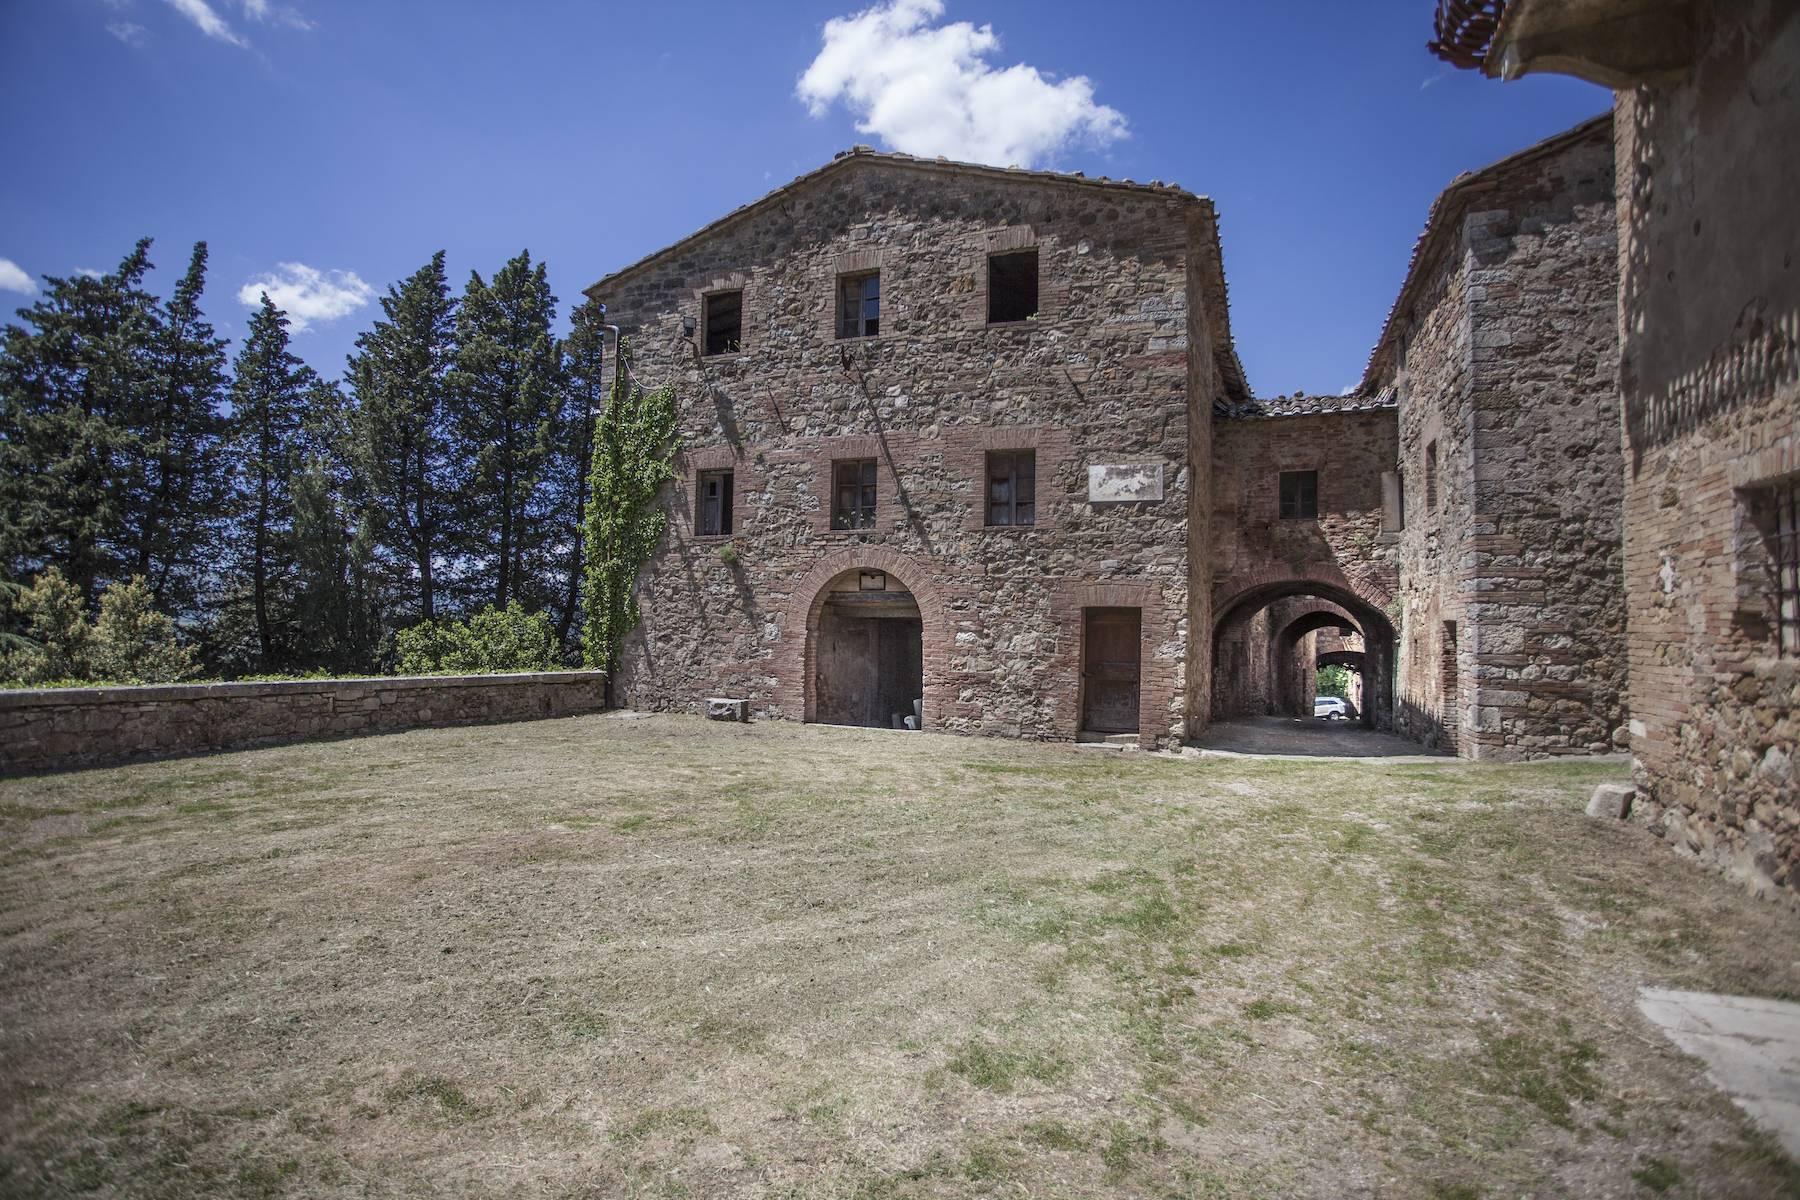 Herrliches Schloss mit Burg aus dem 12. jahrhundert auf dem Land von Siena - 3